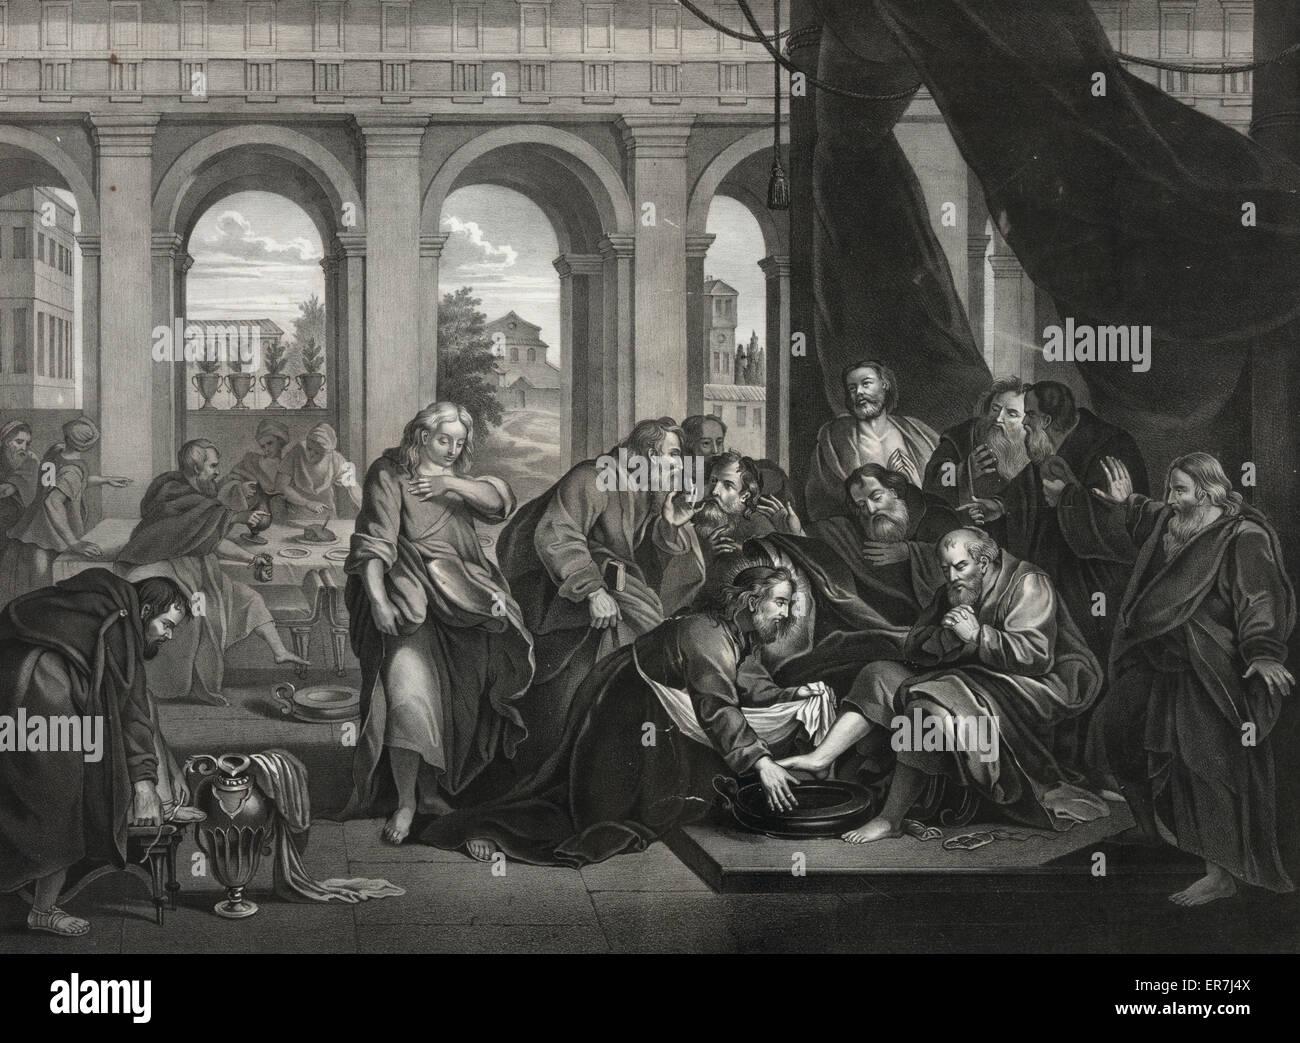 Jesus washing his apostles feet. Date c1870 Jul. 8. - Stock Image